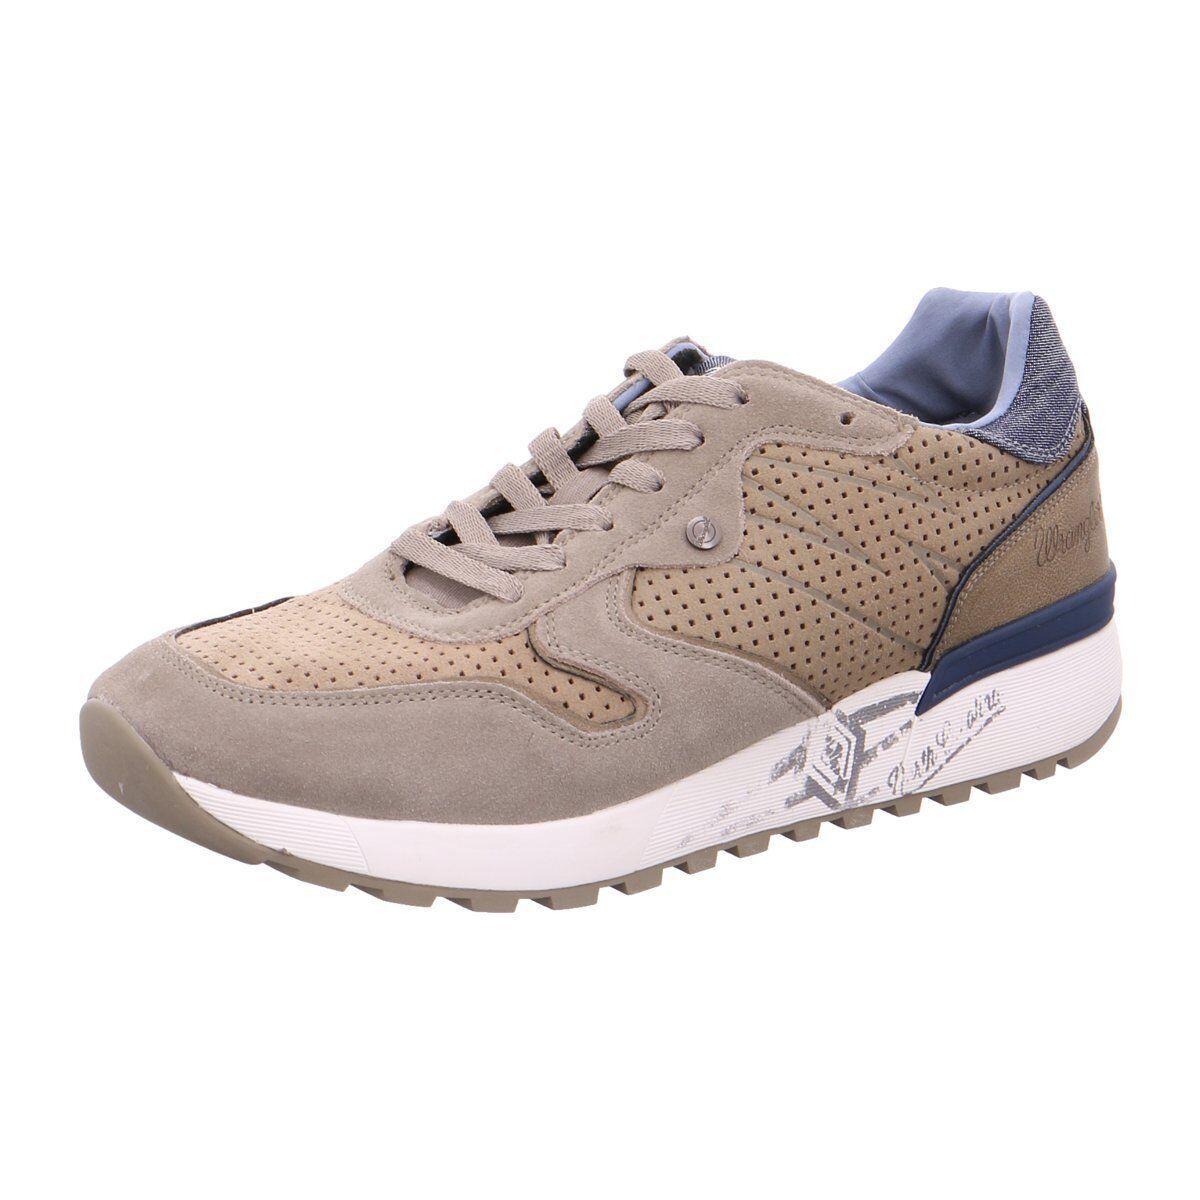 NEU Wrangler Herren Sneaker WM171080 beige 294988